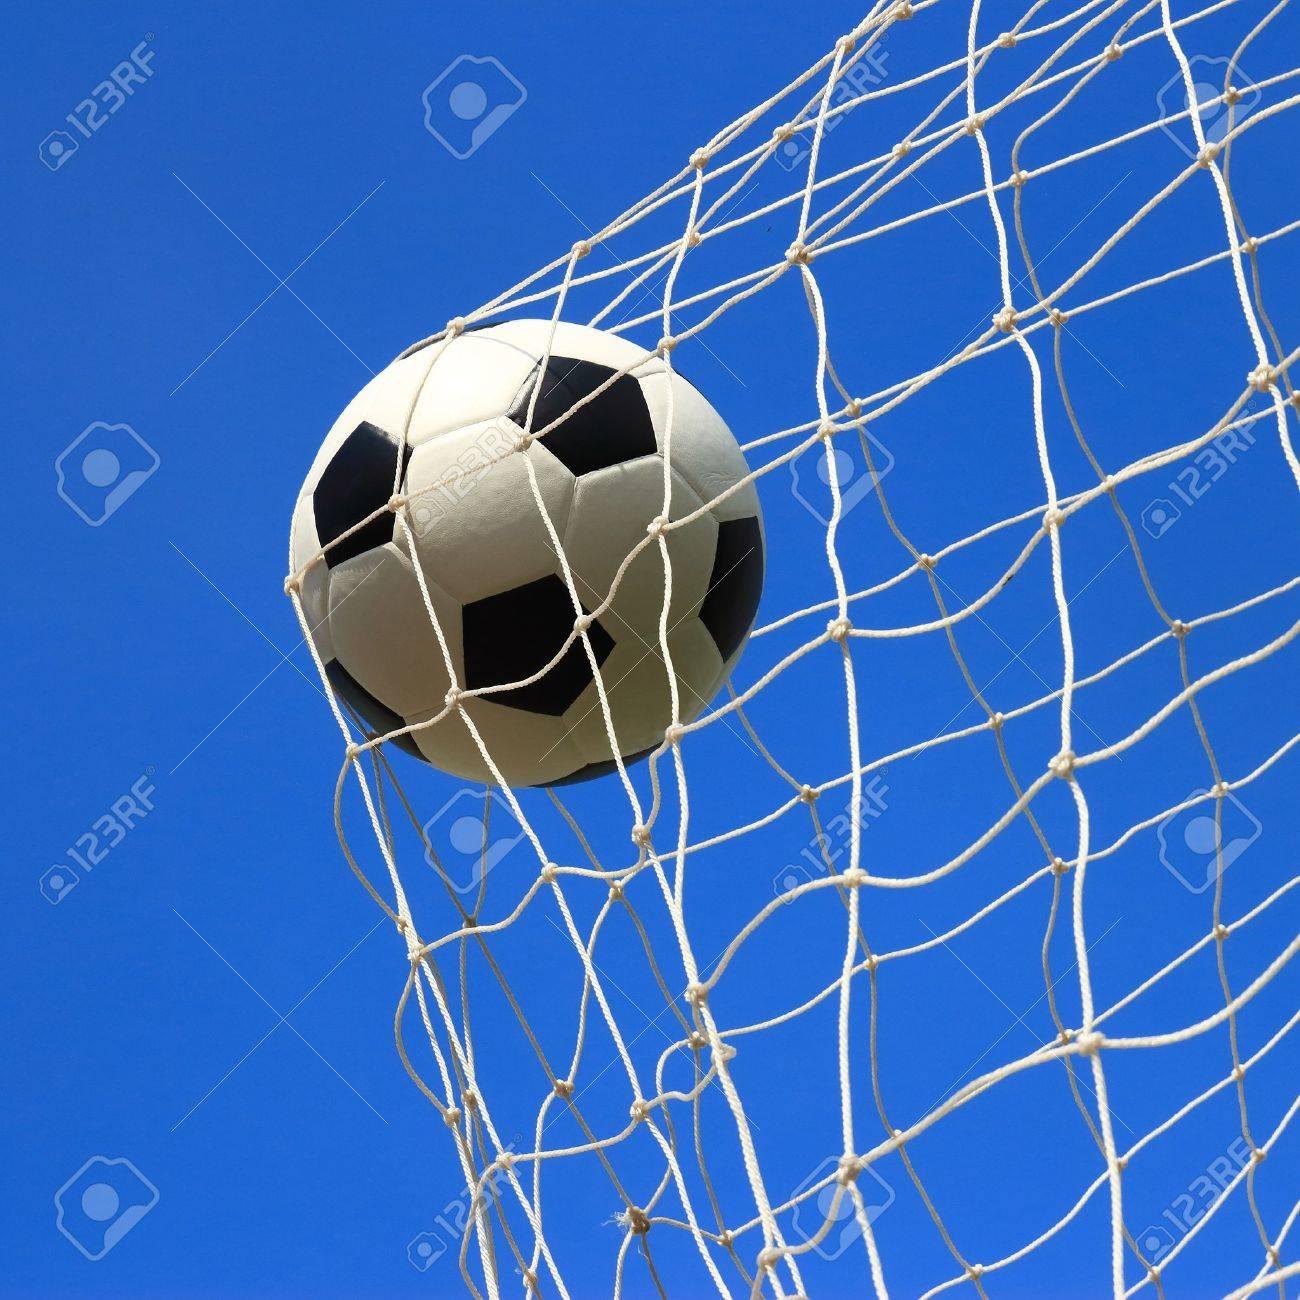 soccer ball in goal Stock Photo - 21052639